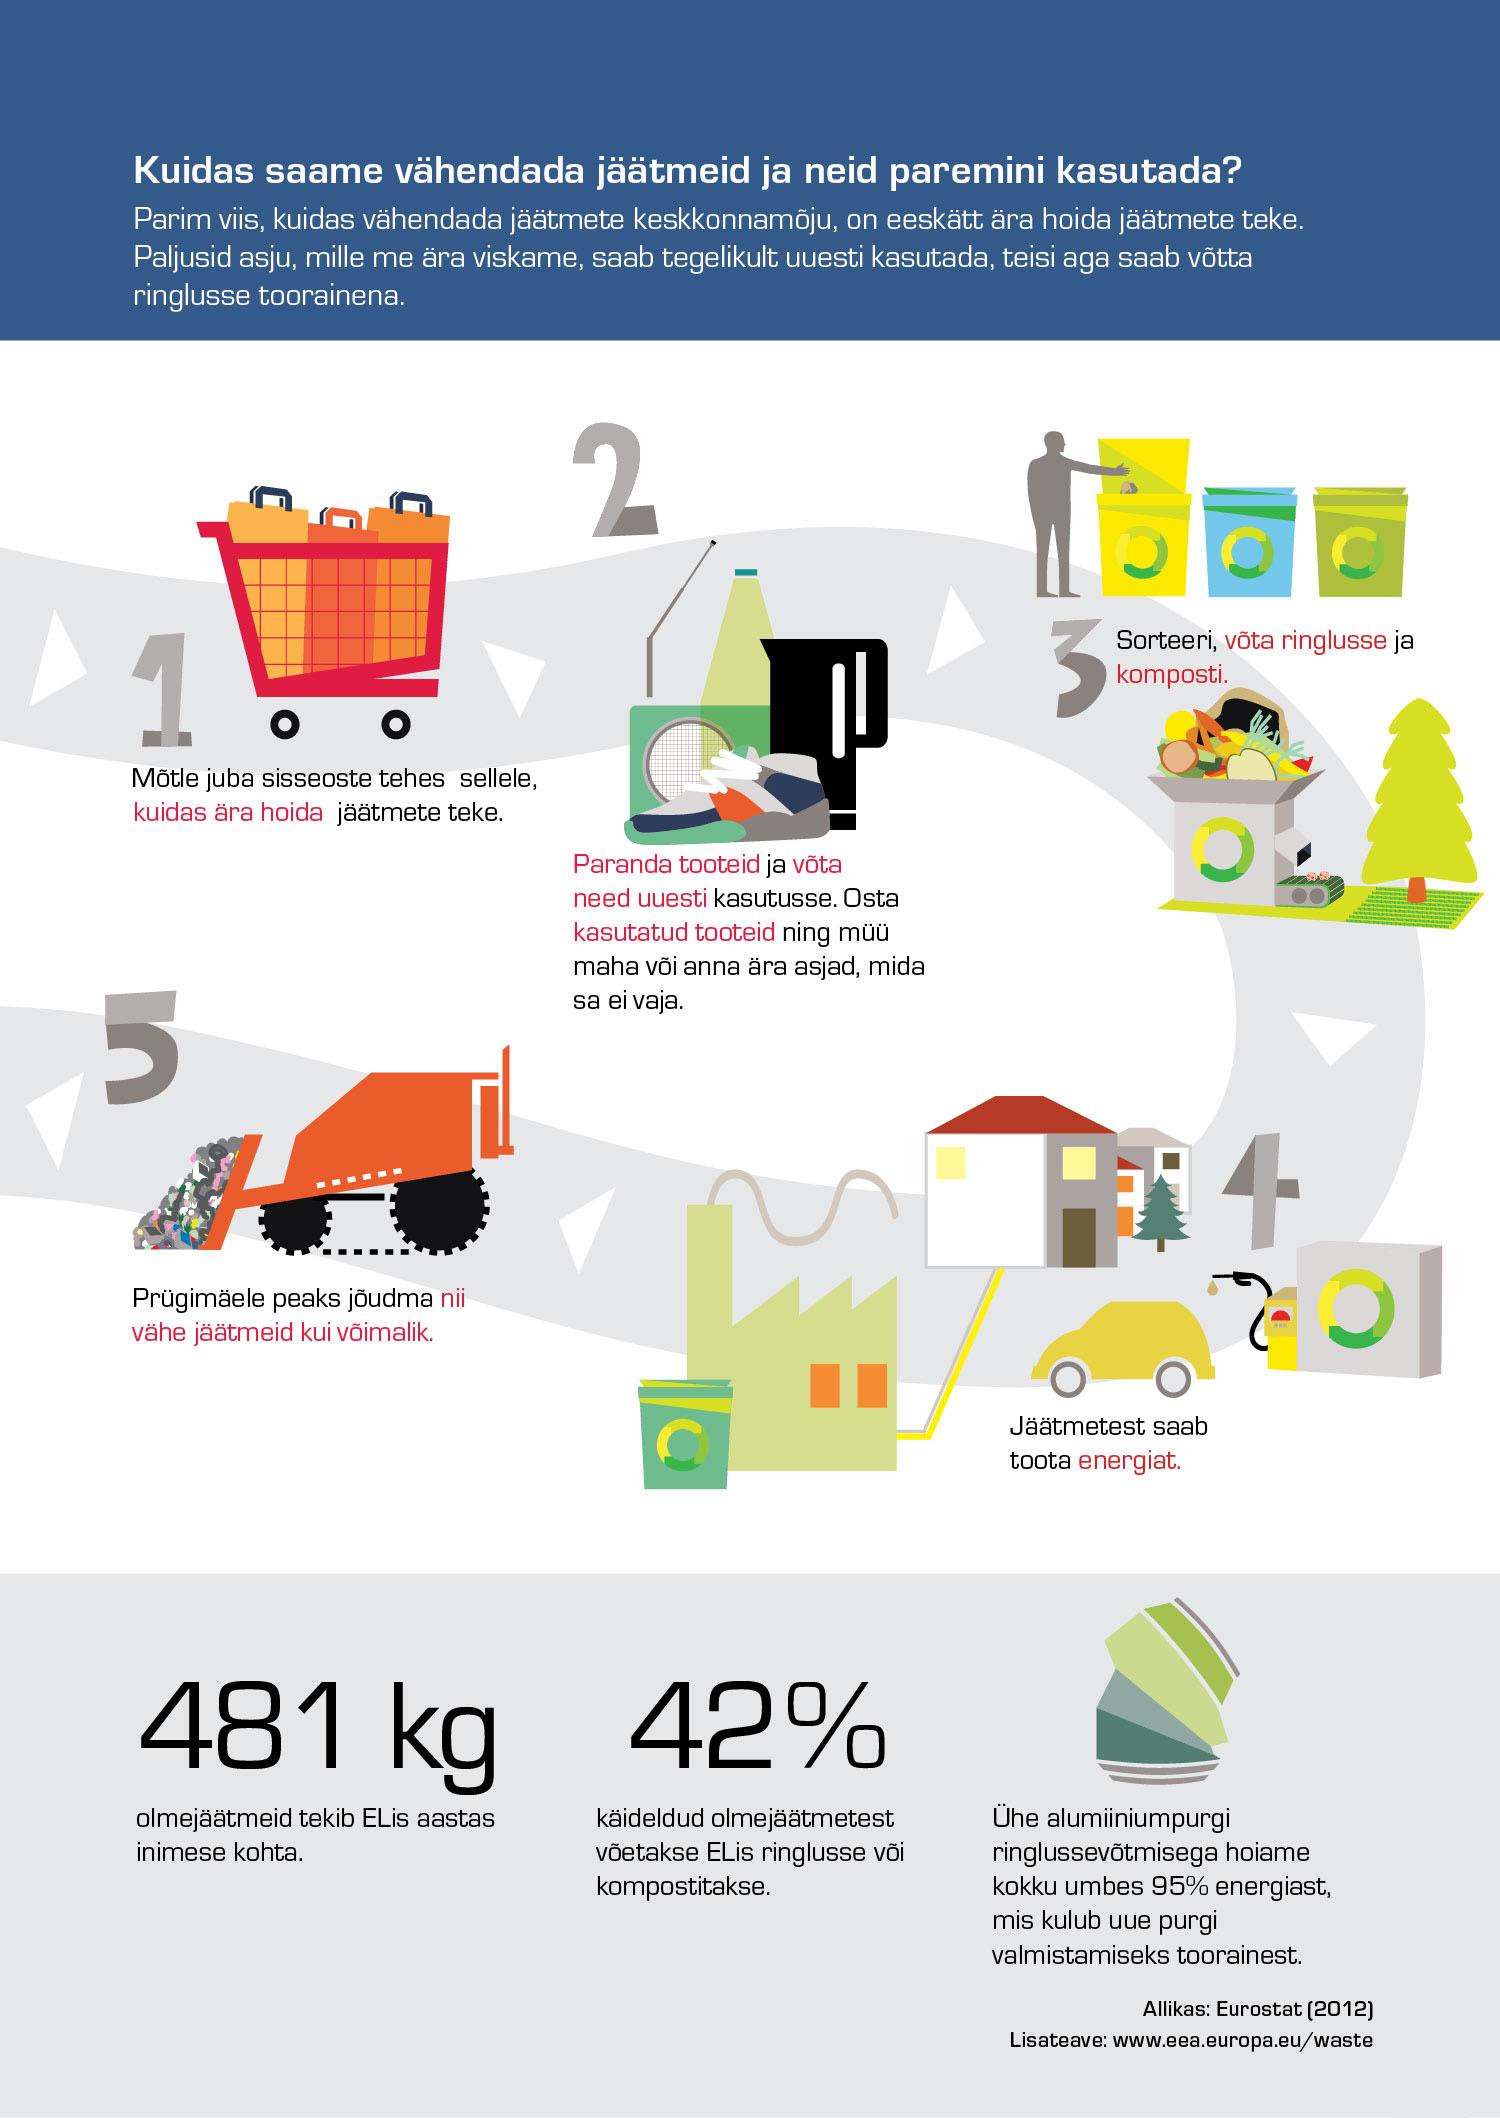 Kuidas saame vähendada jäätmeid ja neid paremini kasutada?